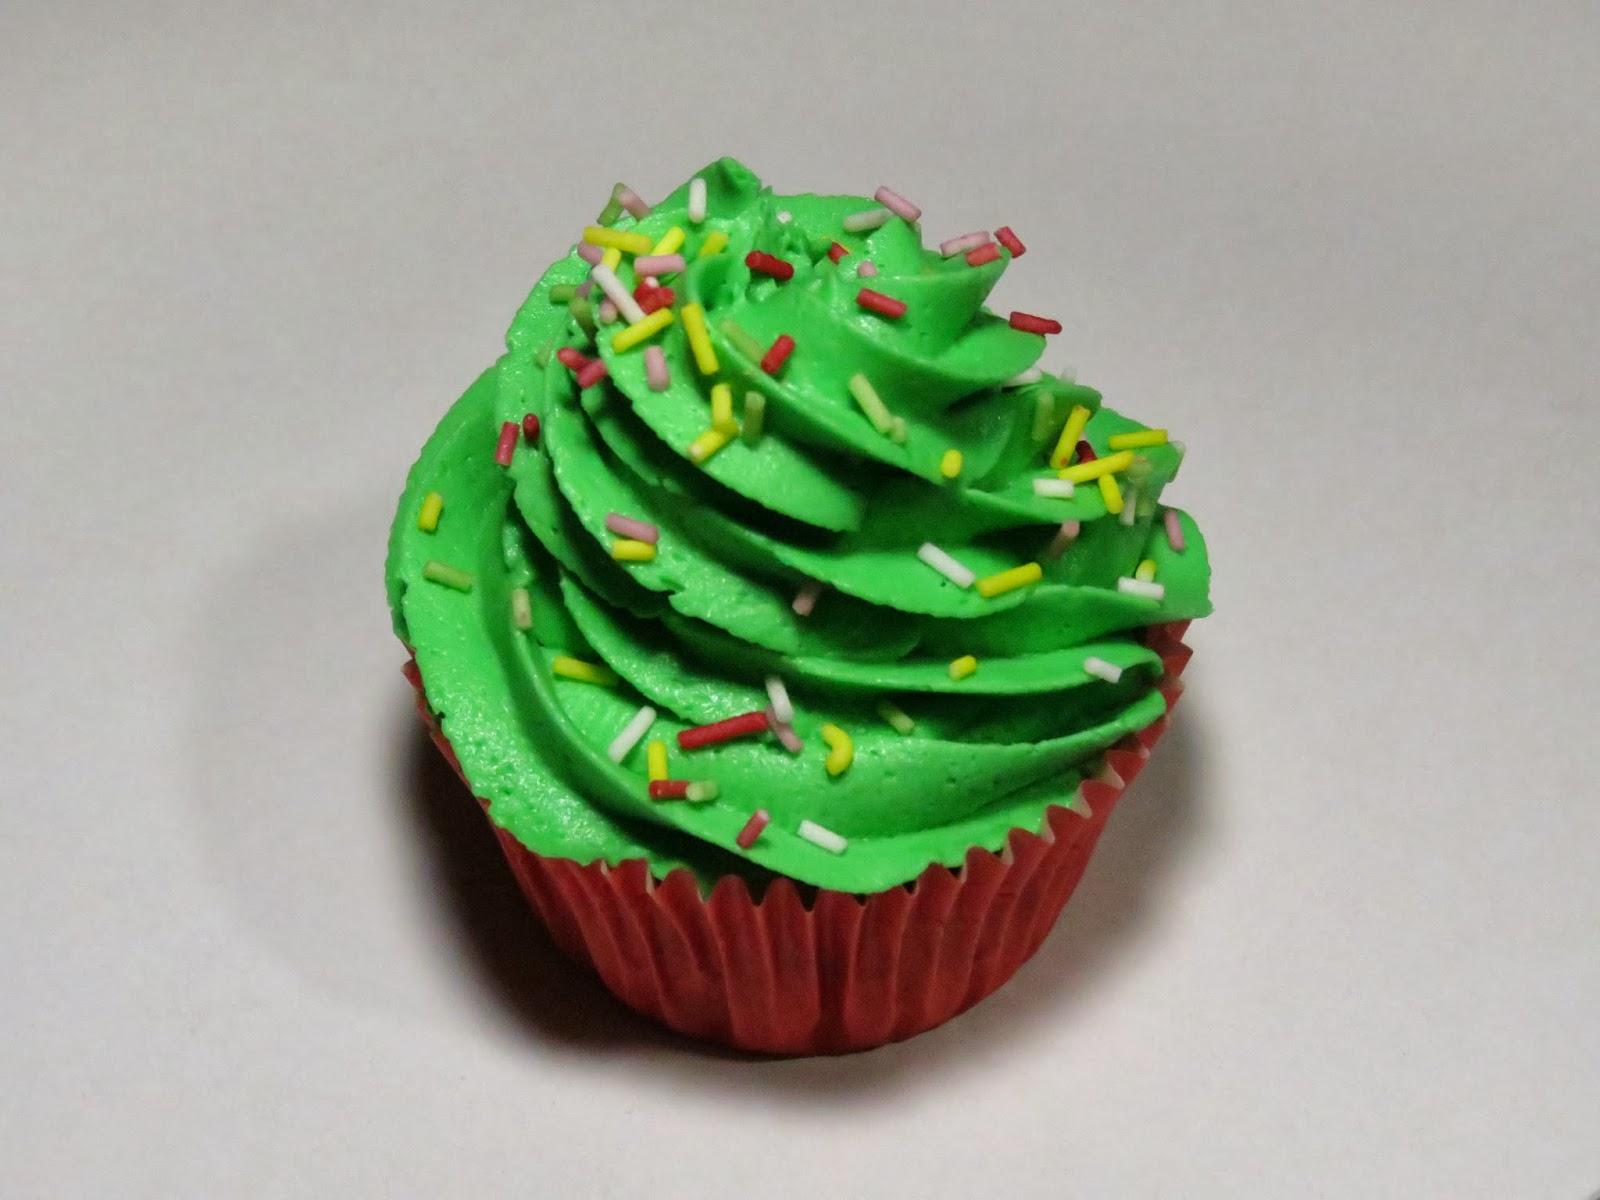 cupcake Lleida, Cupcakes, cupcakes de xocolata, El teu cupcake, fondant, Lleida, cupcakes de vainilla, cupcakes de Nadal